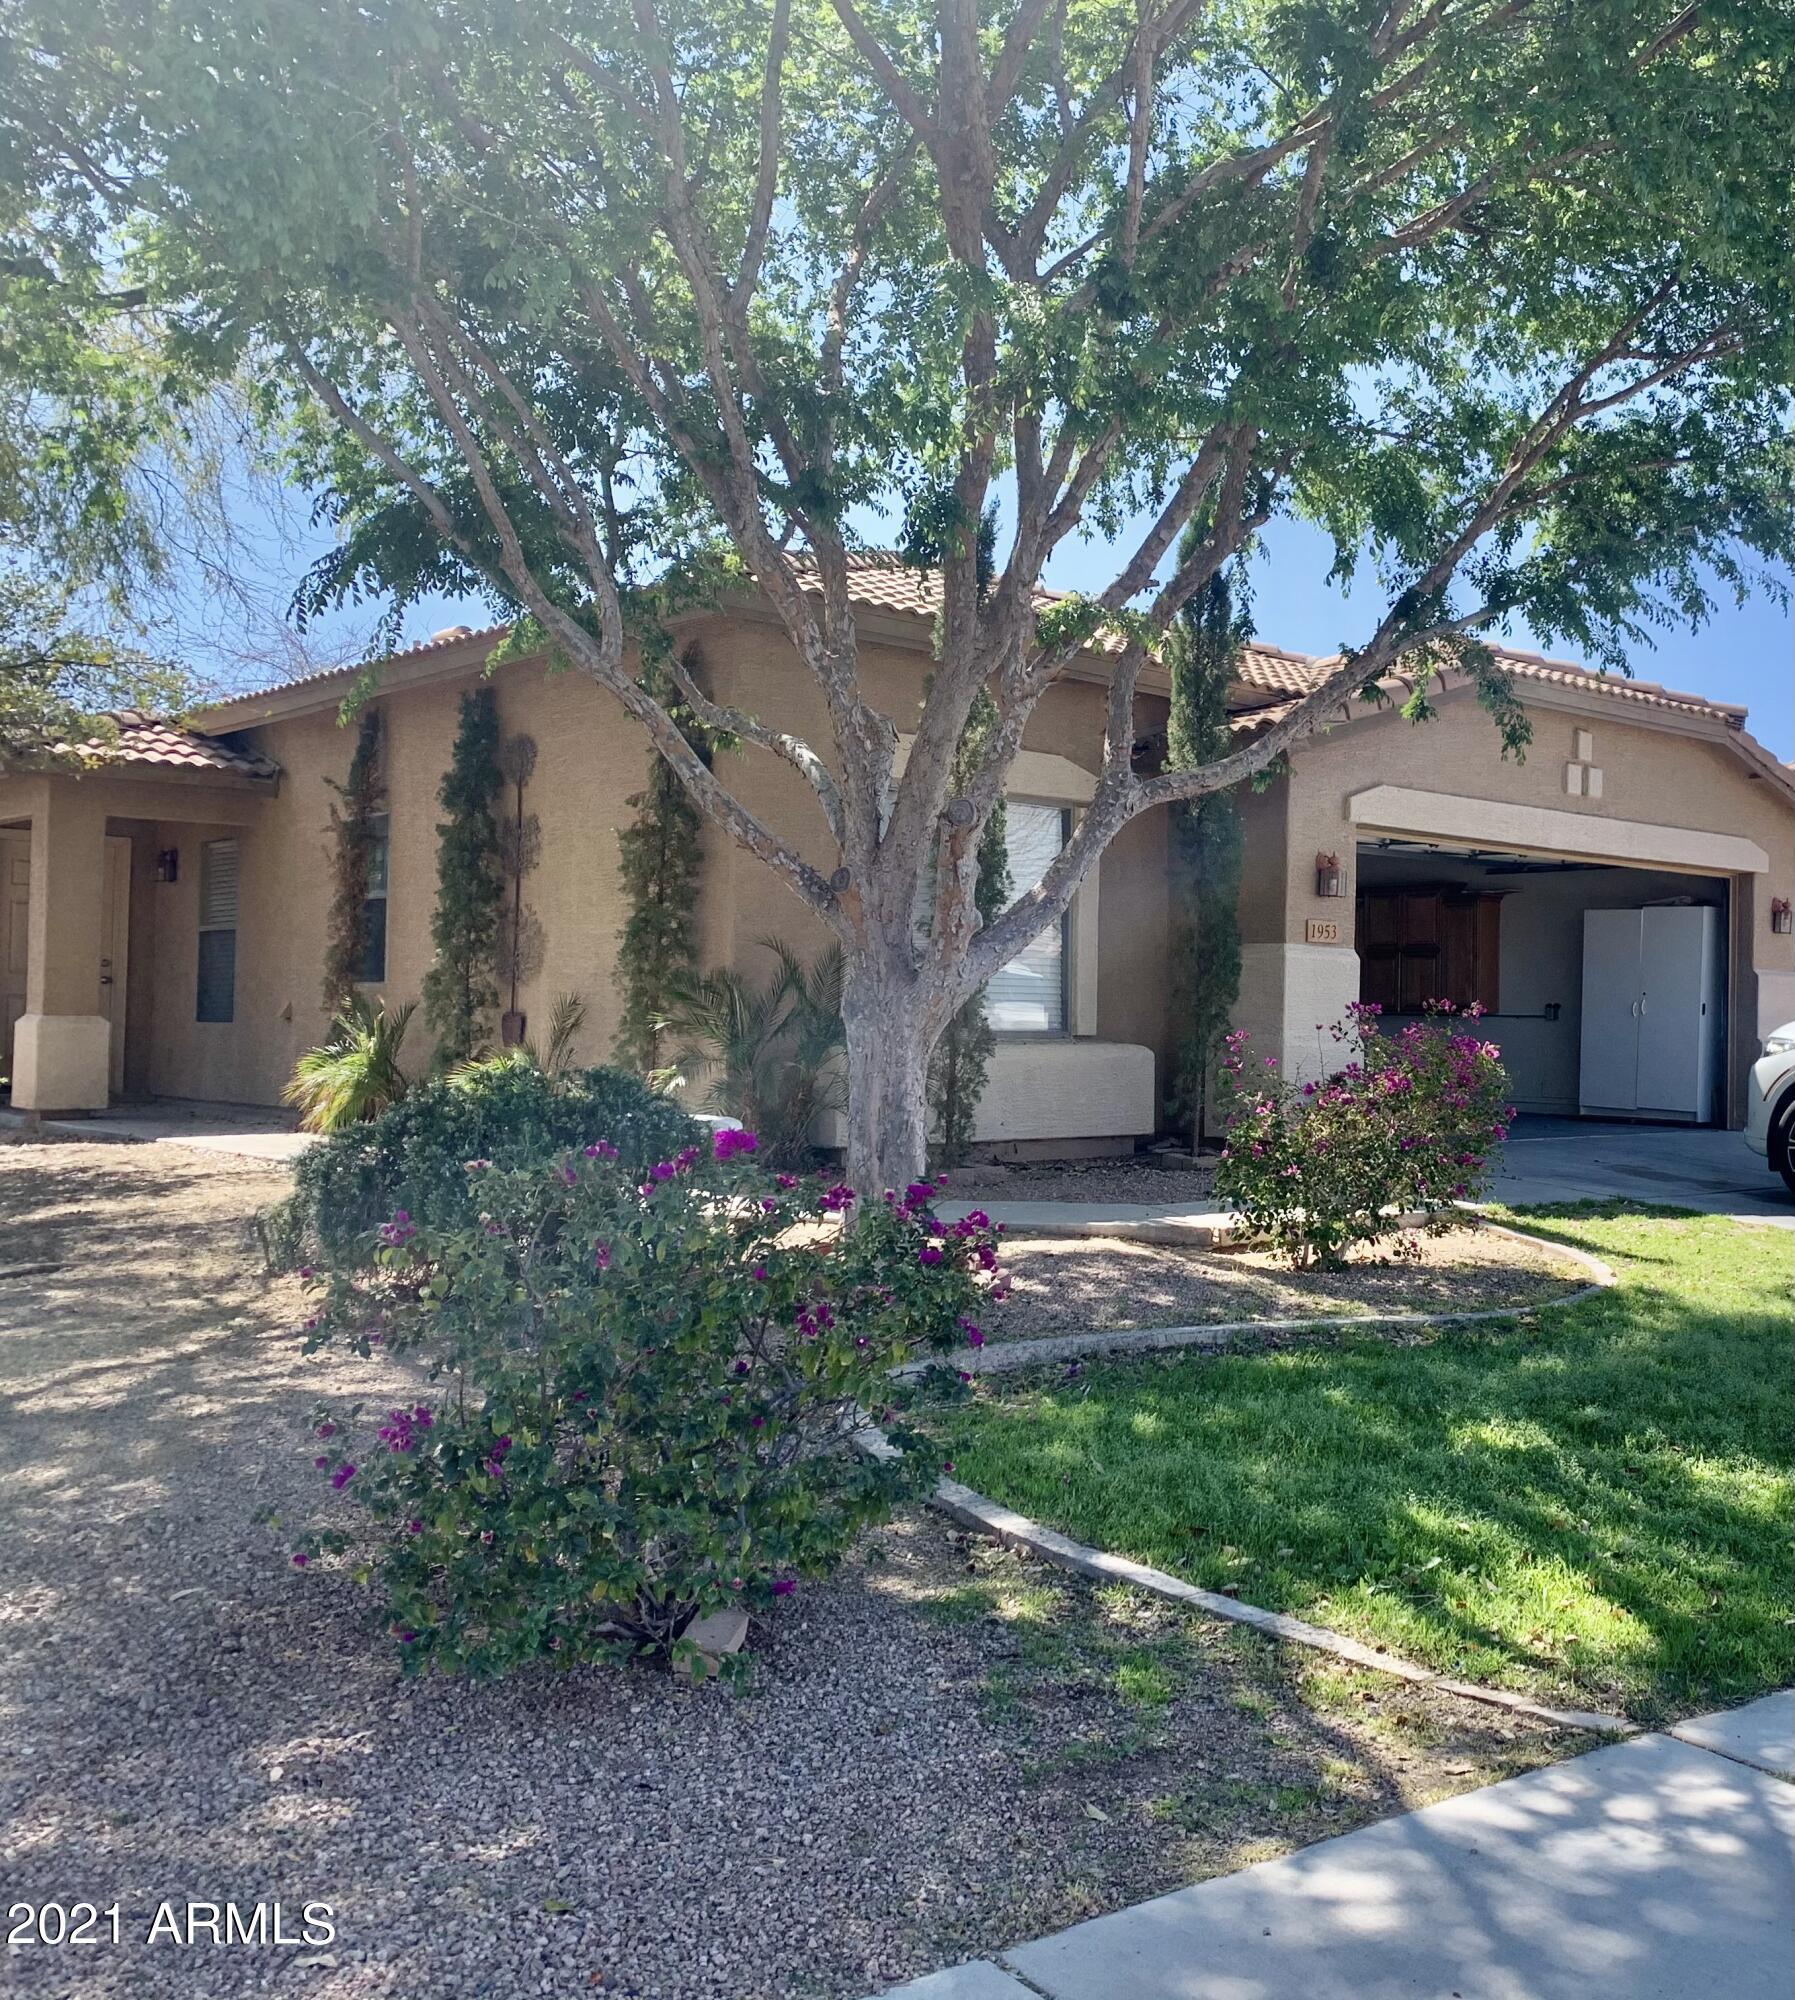 1953 ALLENS PEAK Drive, Queen Creek, Arizona 85142, 3 Bedrooms Bedrooms, ,2 BathroomsBathrooms,Residential,For Sale,ALLENS PEAK,6248294